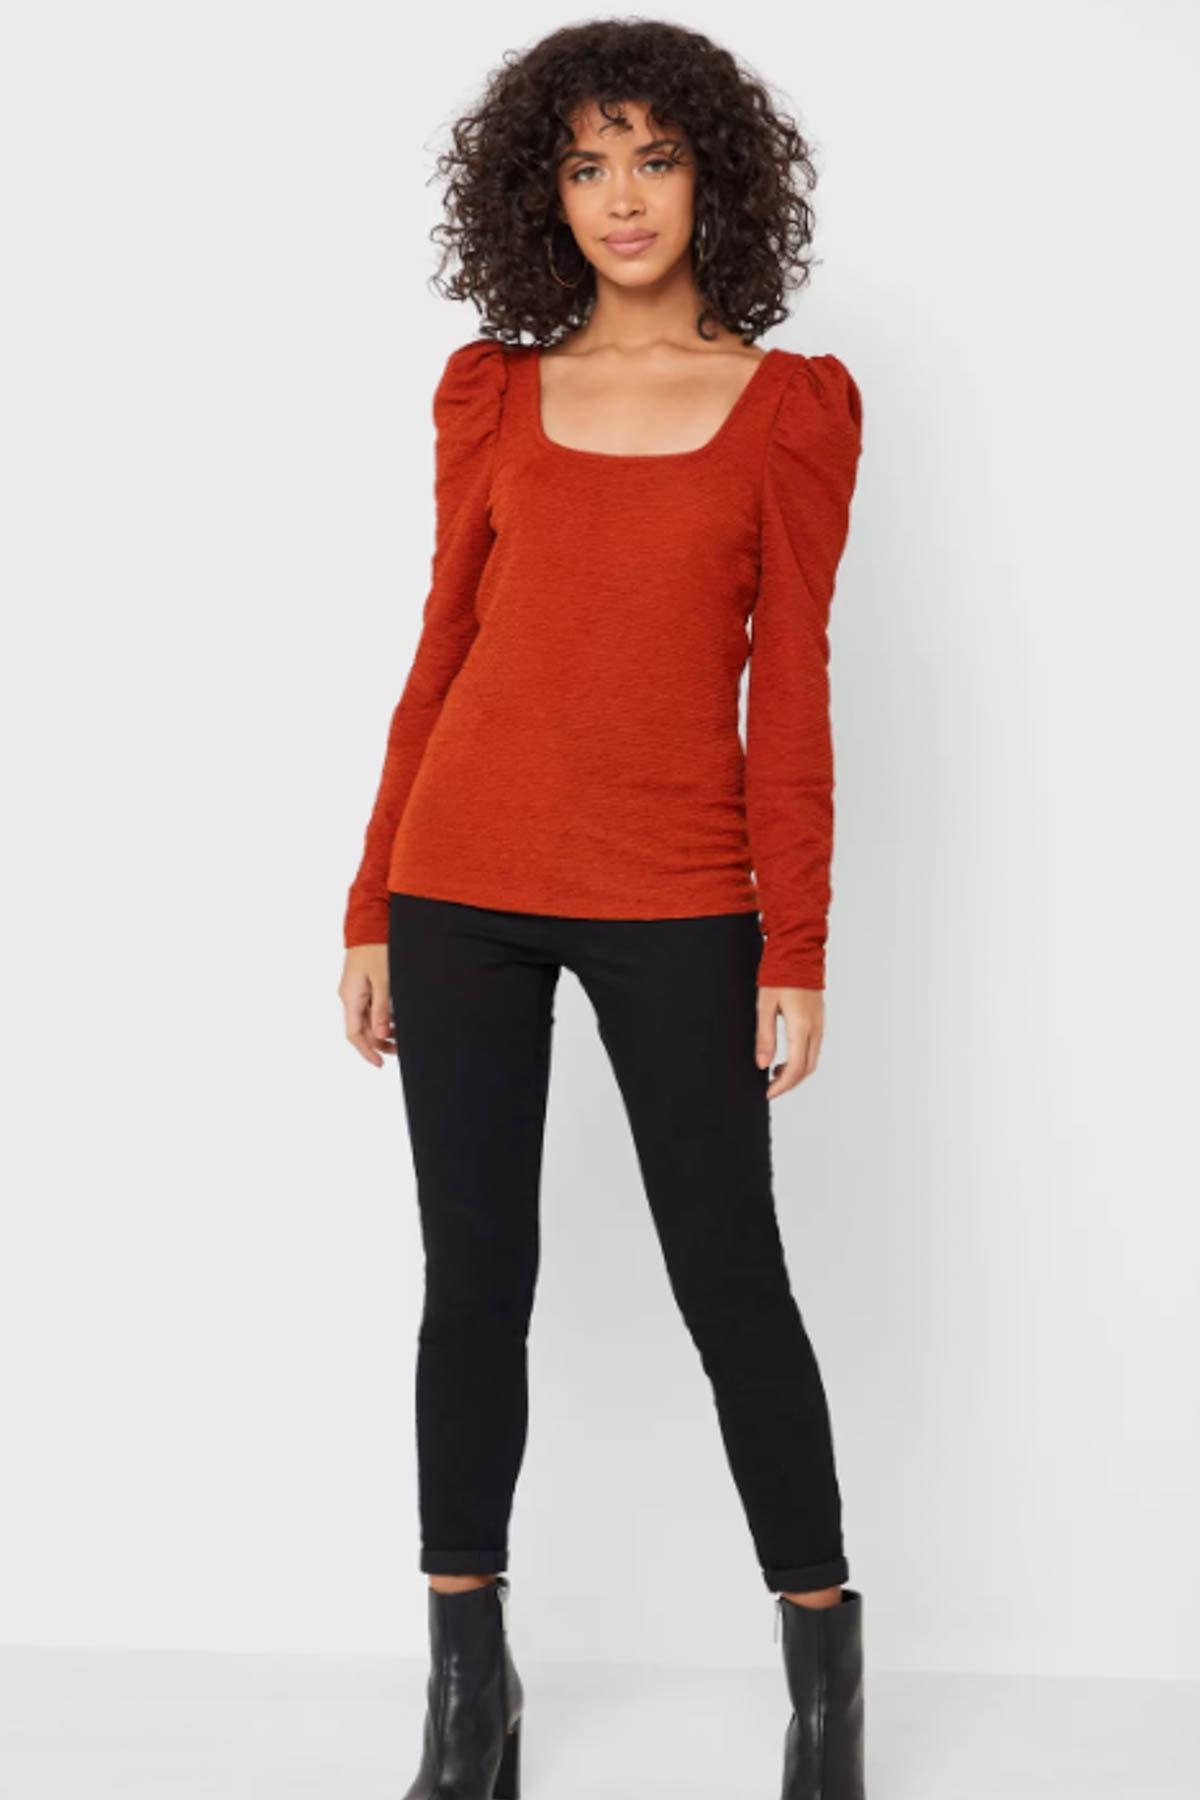 Vero Moda Kadın Taçın Kare Yaka Omuz Detaylı Bluz 10230992 VMALPHA 1